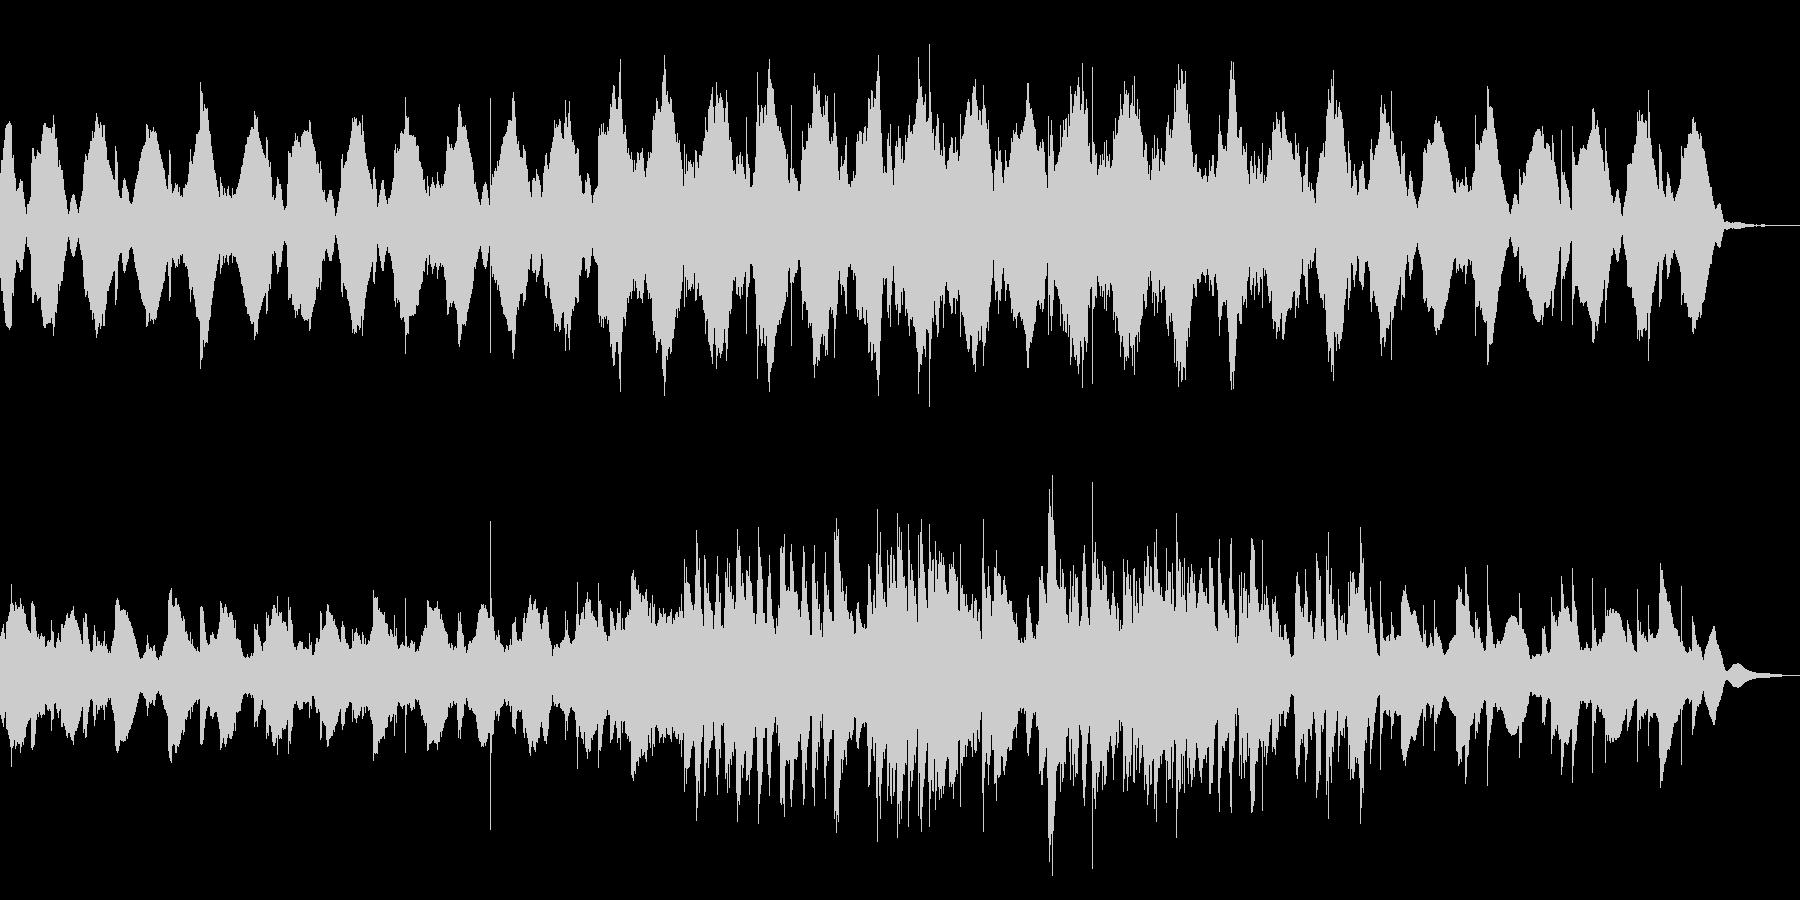 ピアノとグロッケンのゆったりとした曲の未再生の波形